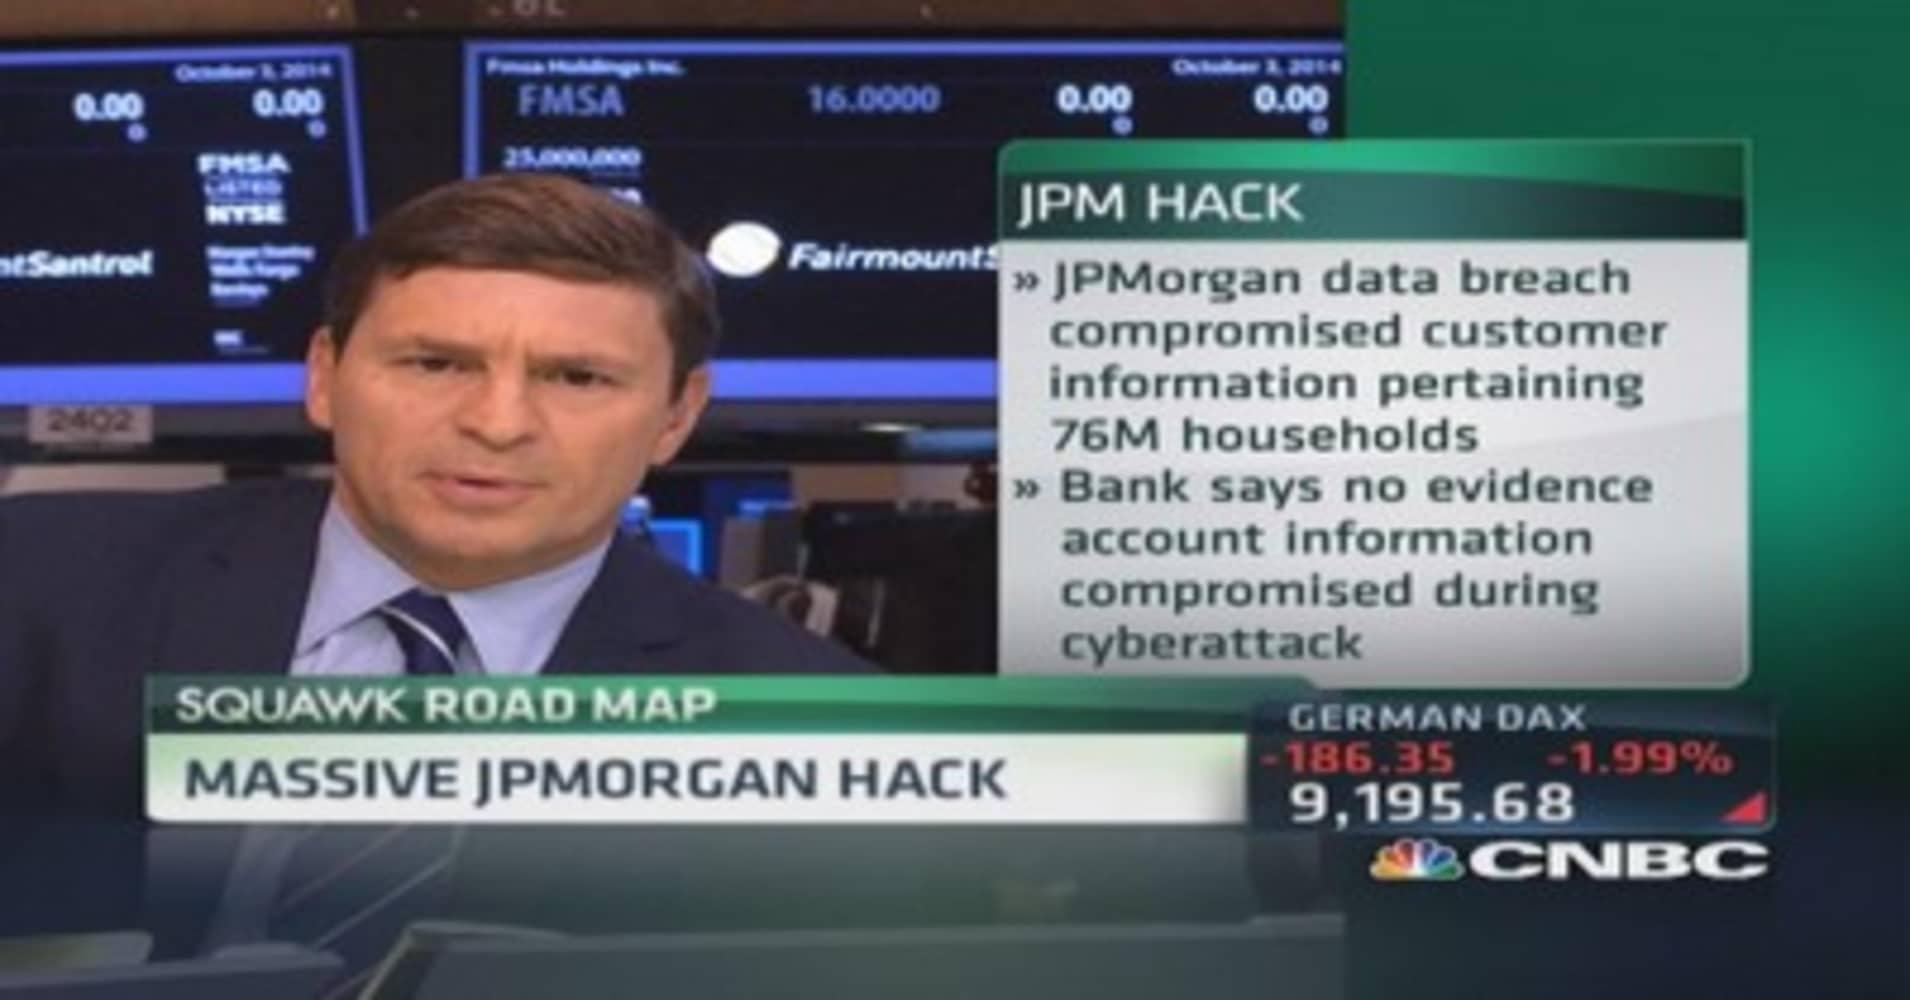 Massive JPMorgan hack